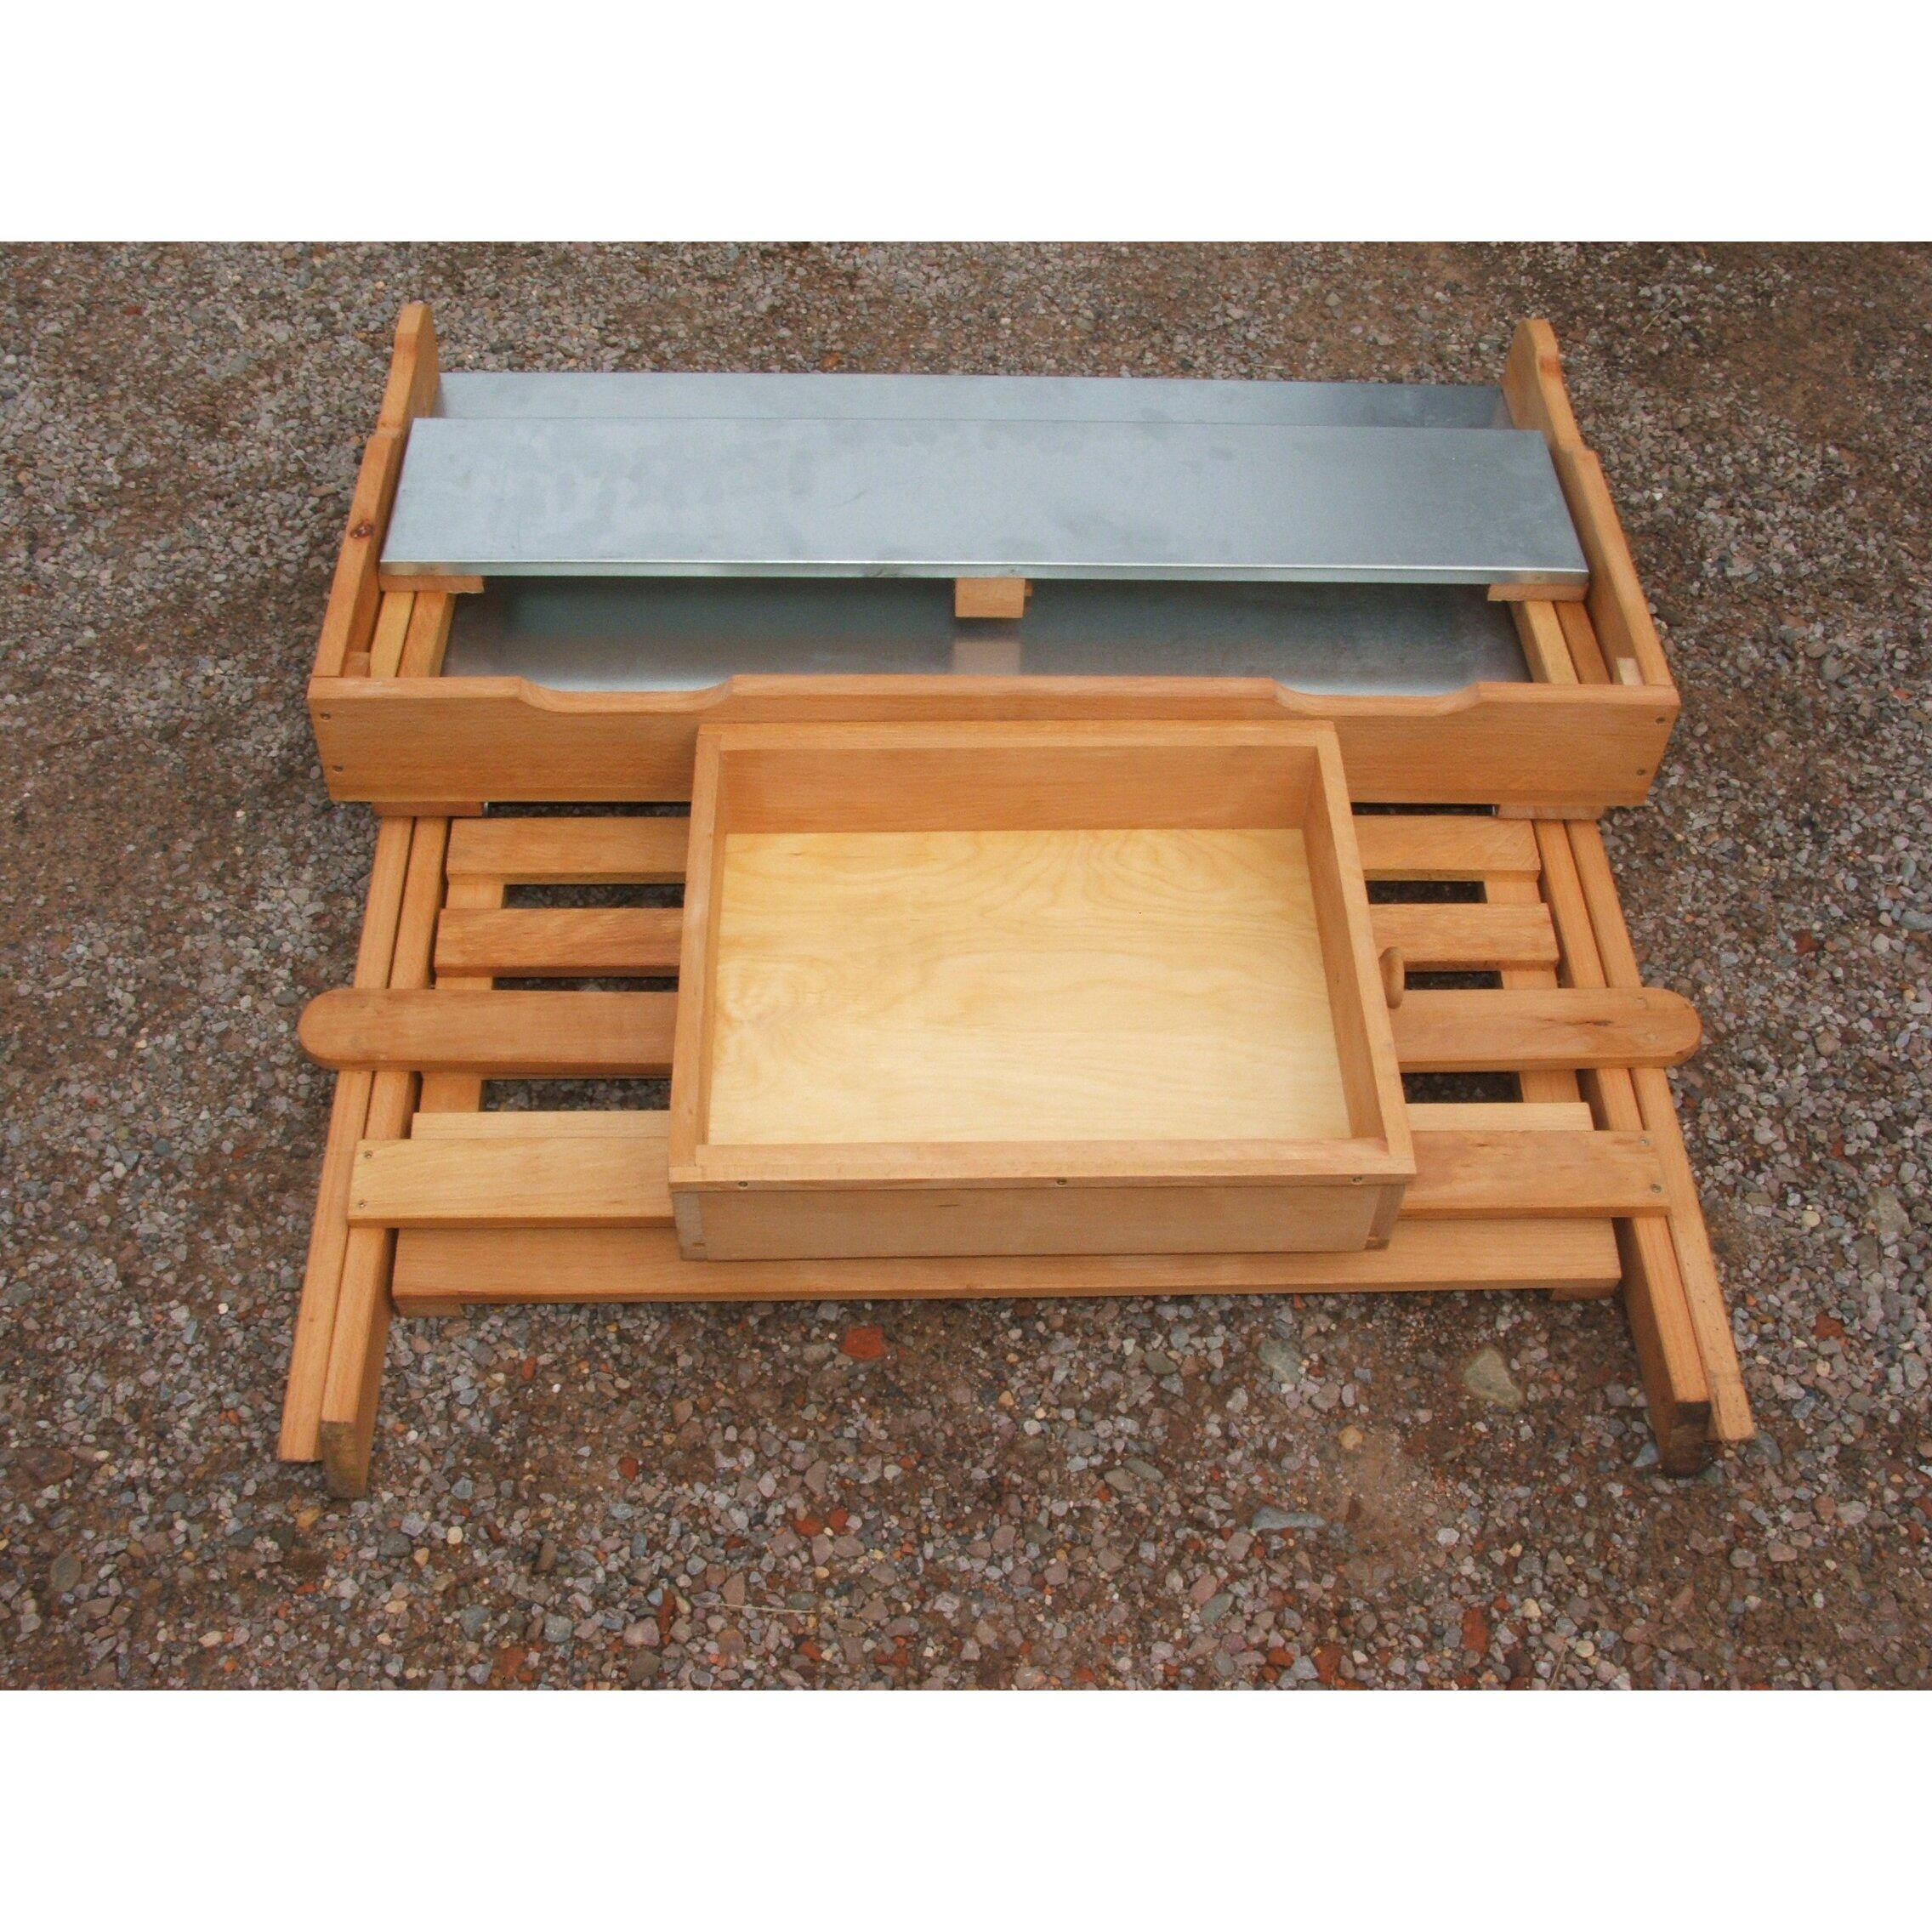 Potting 1 Seater Wooden Storage Bench Wayfair Uk